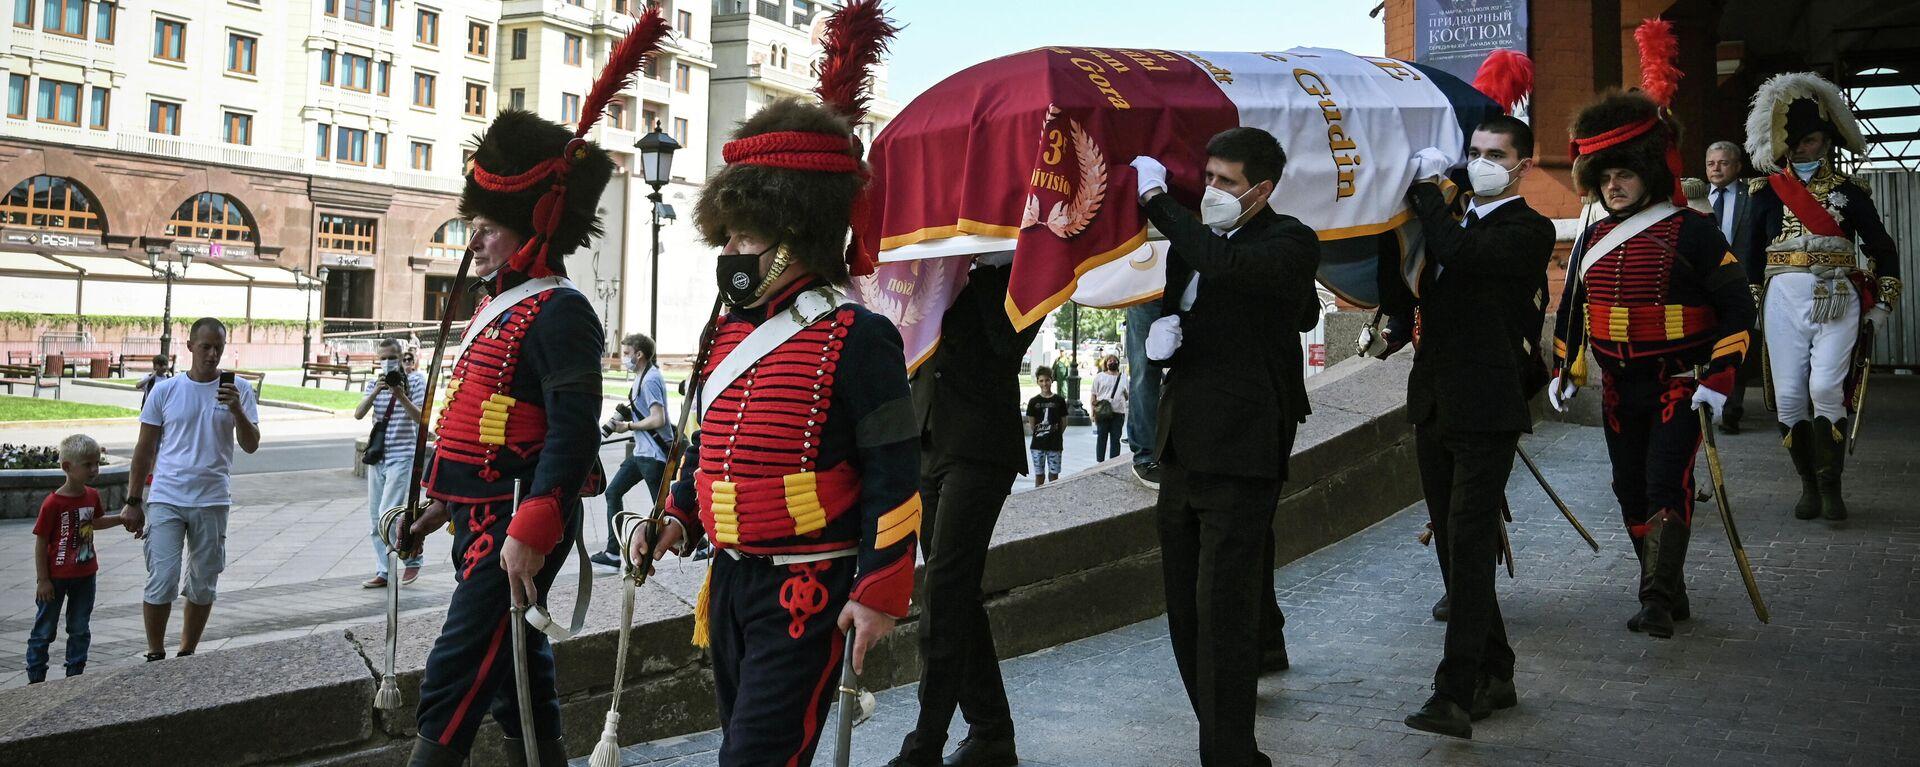 Члены исторического клуба и родственники несут гроб французского генерала Шарля Этьена Гудена - Sputnik Узбекистан, 1920, 13.07.2021